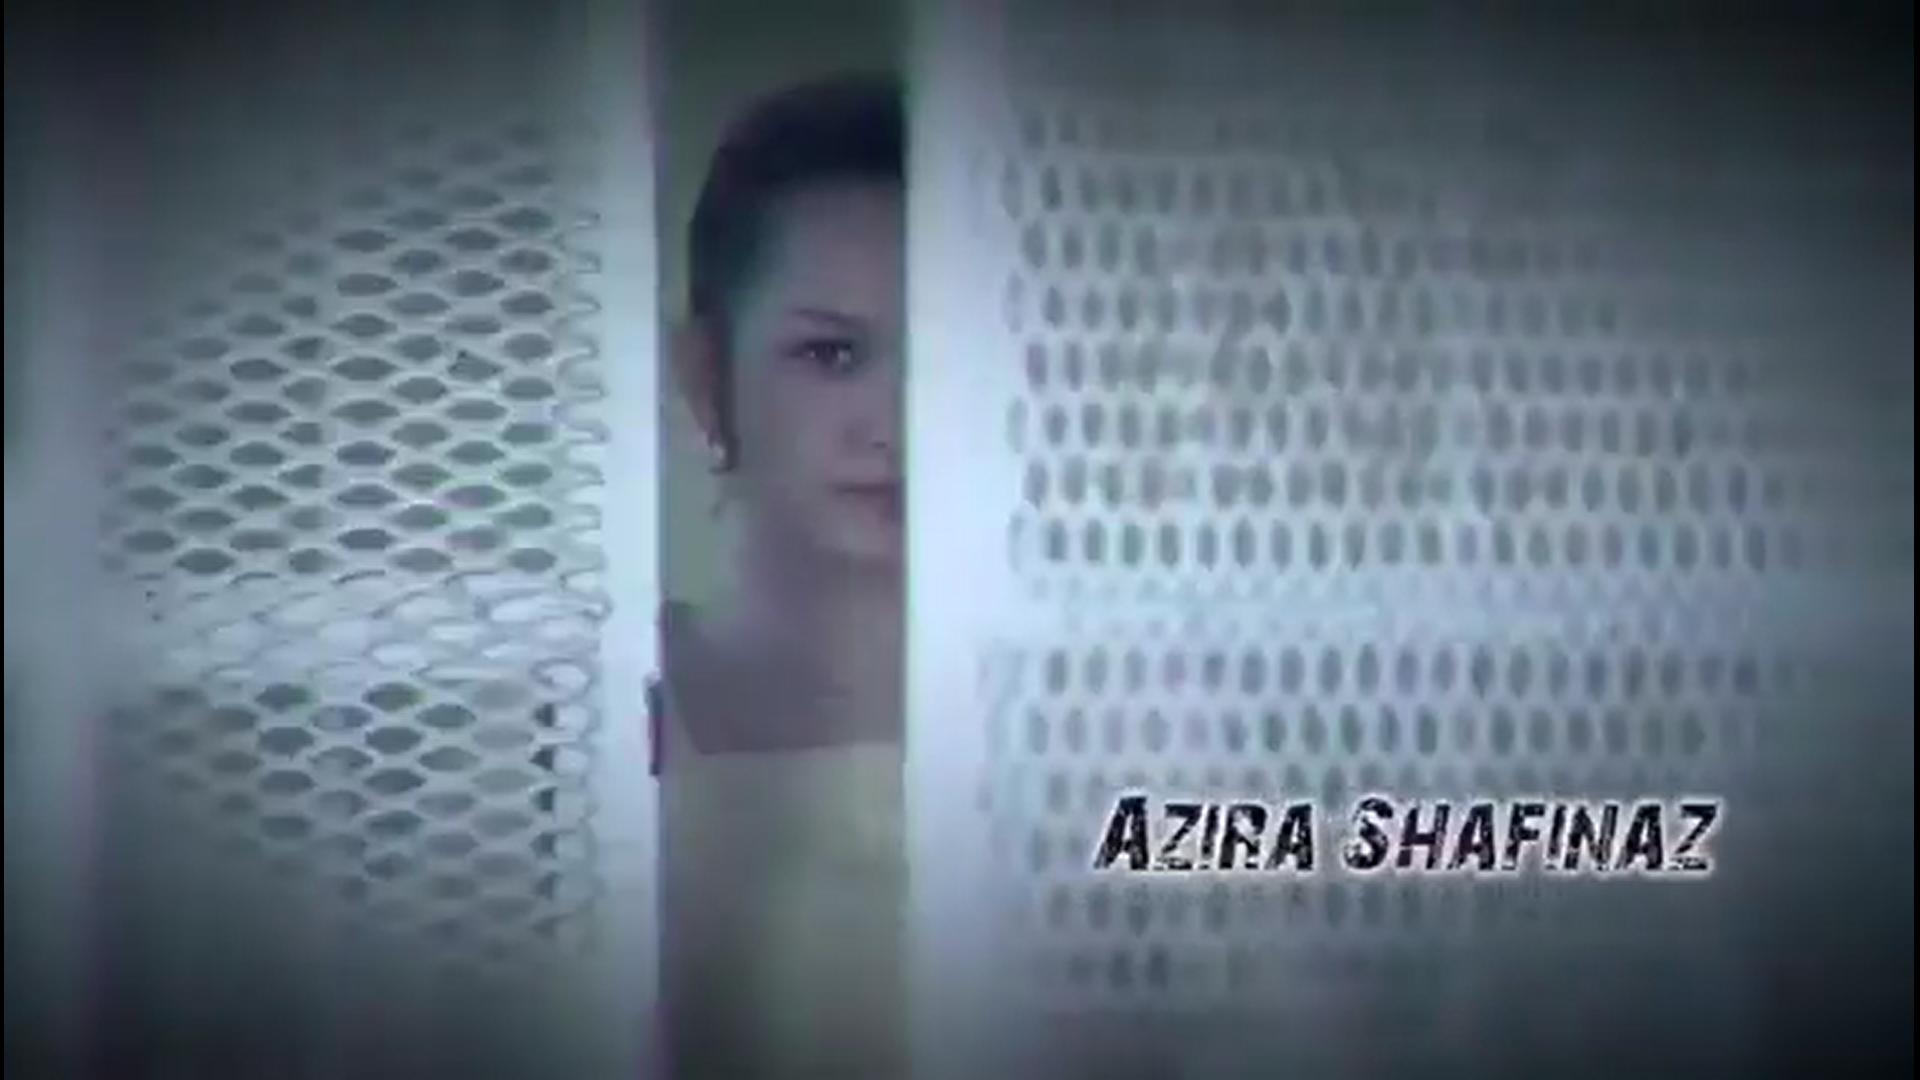 Azira Shafinaz